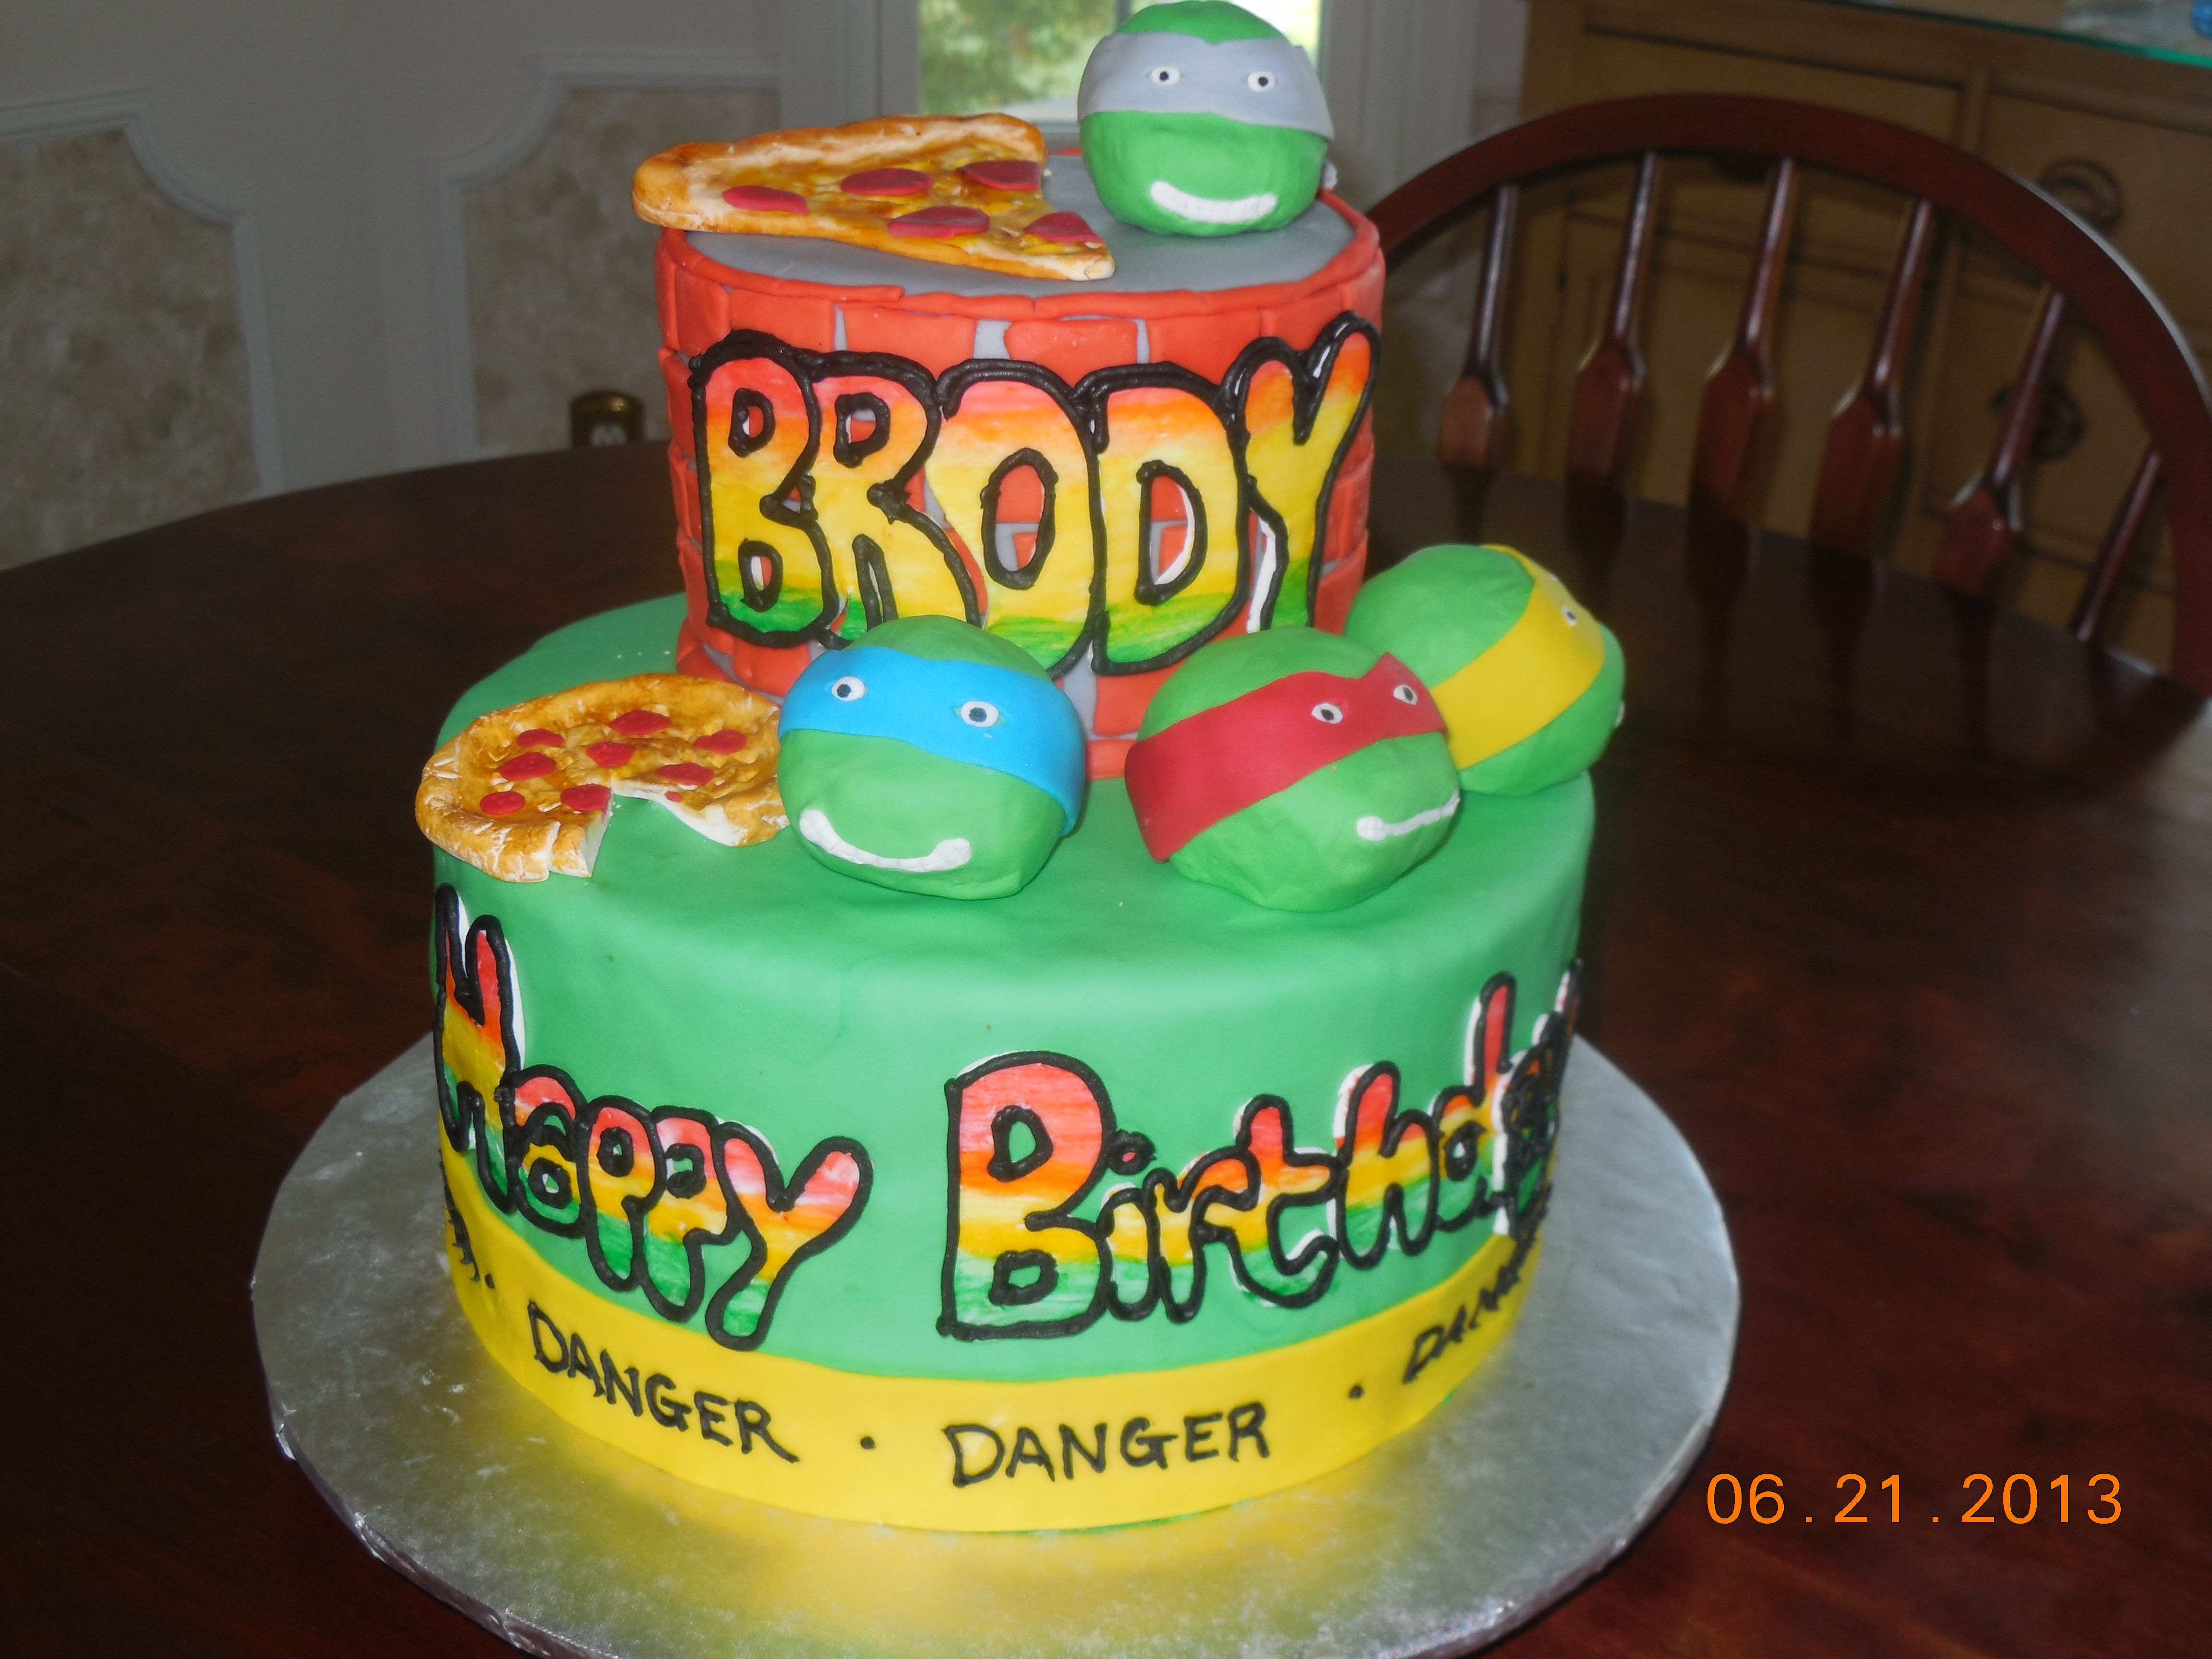 Birthday Cake Images Dow : teenage mutant ninja turtle birthday cake! with graffiti ...